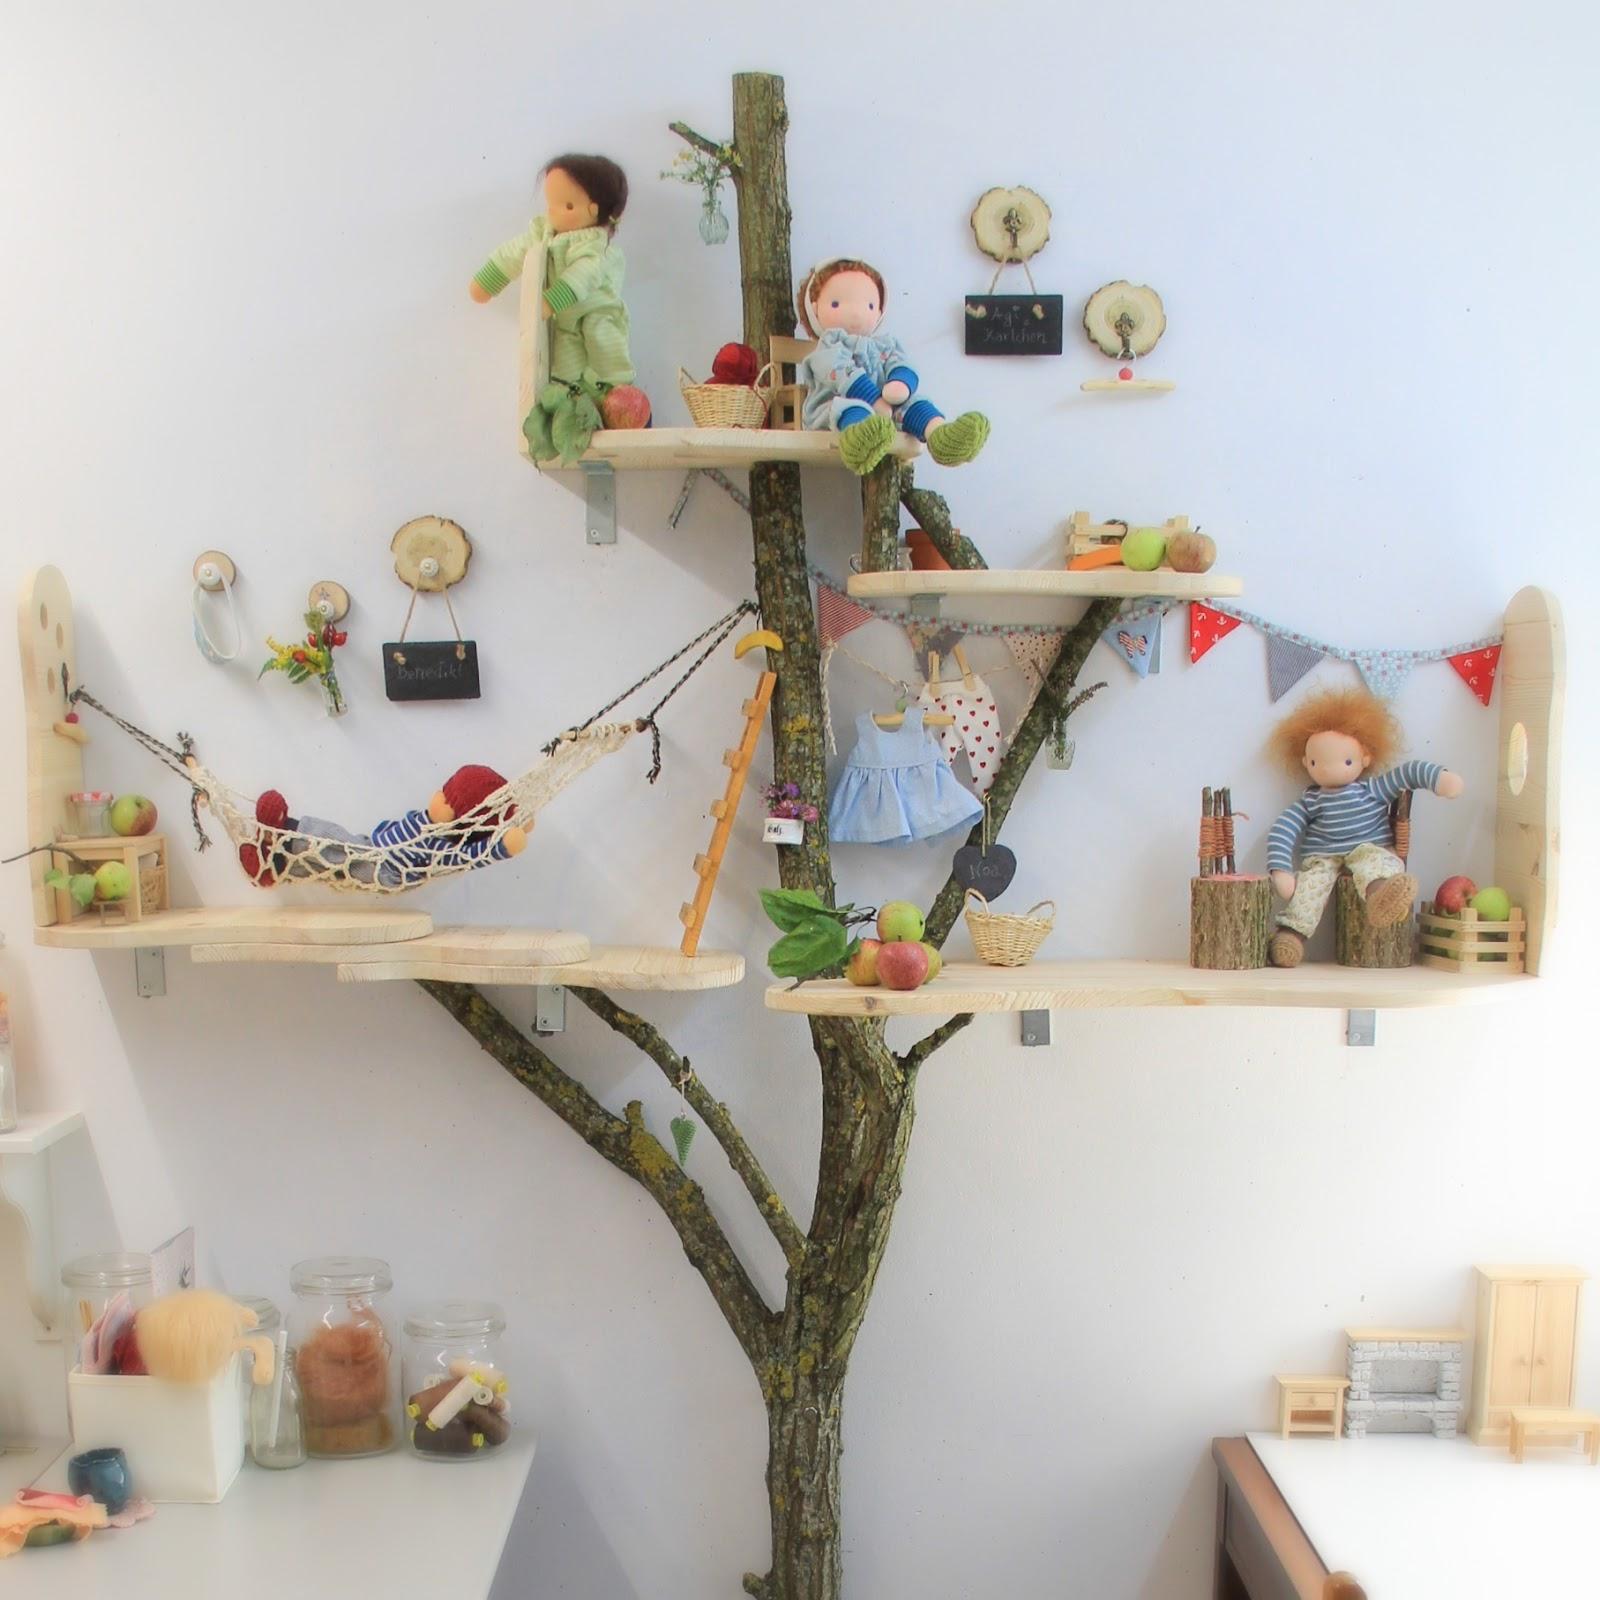 Ab sofort wohnen hier alle meine geliebten Dreikäsehoch Puppen im Baumhaus bevor sie zu ihren neuen Familien reisen